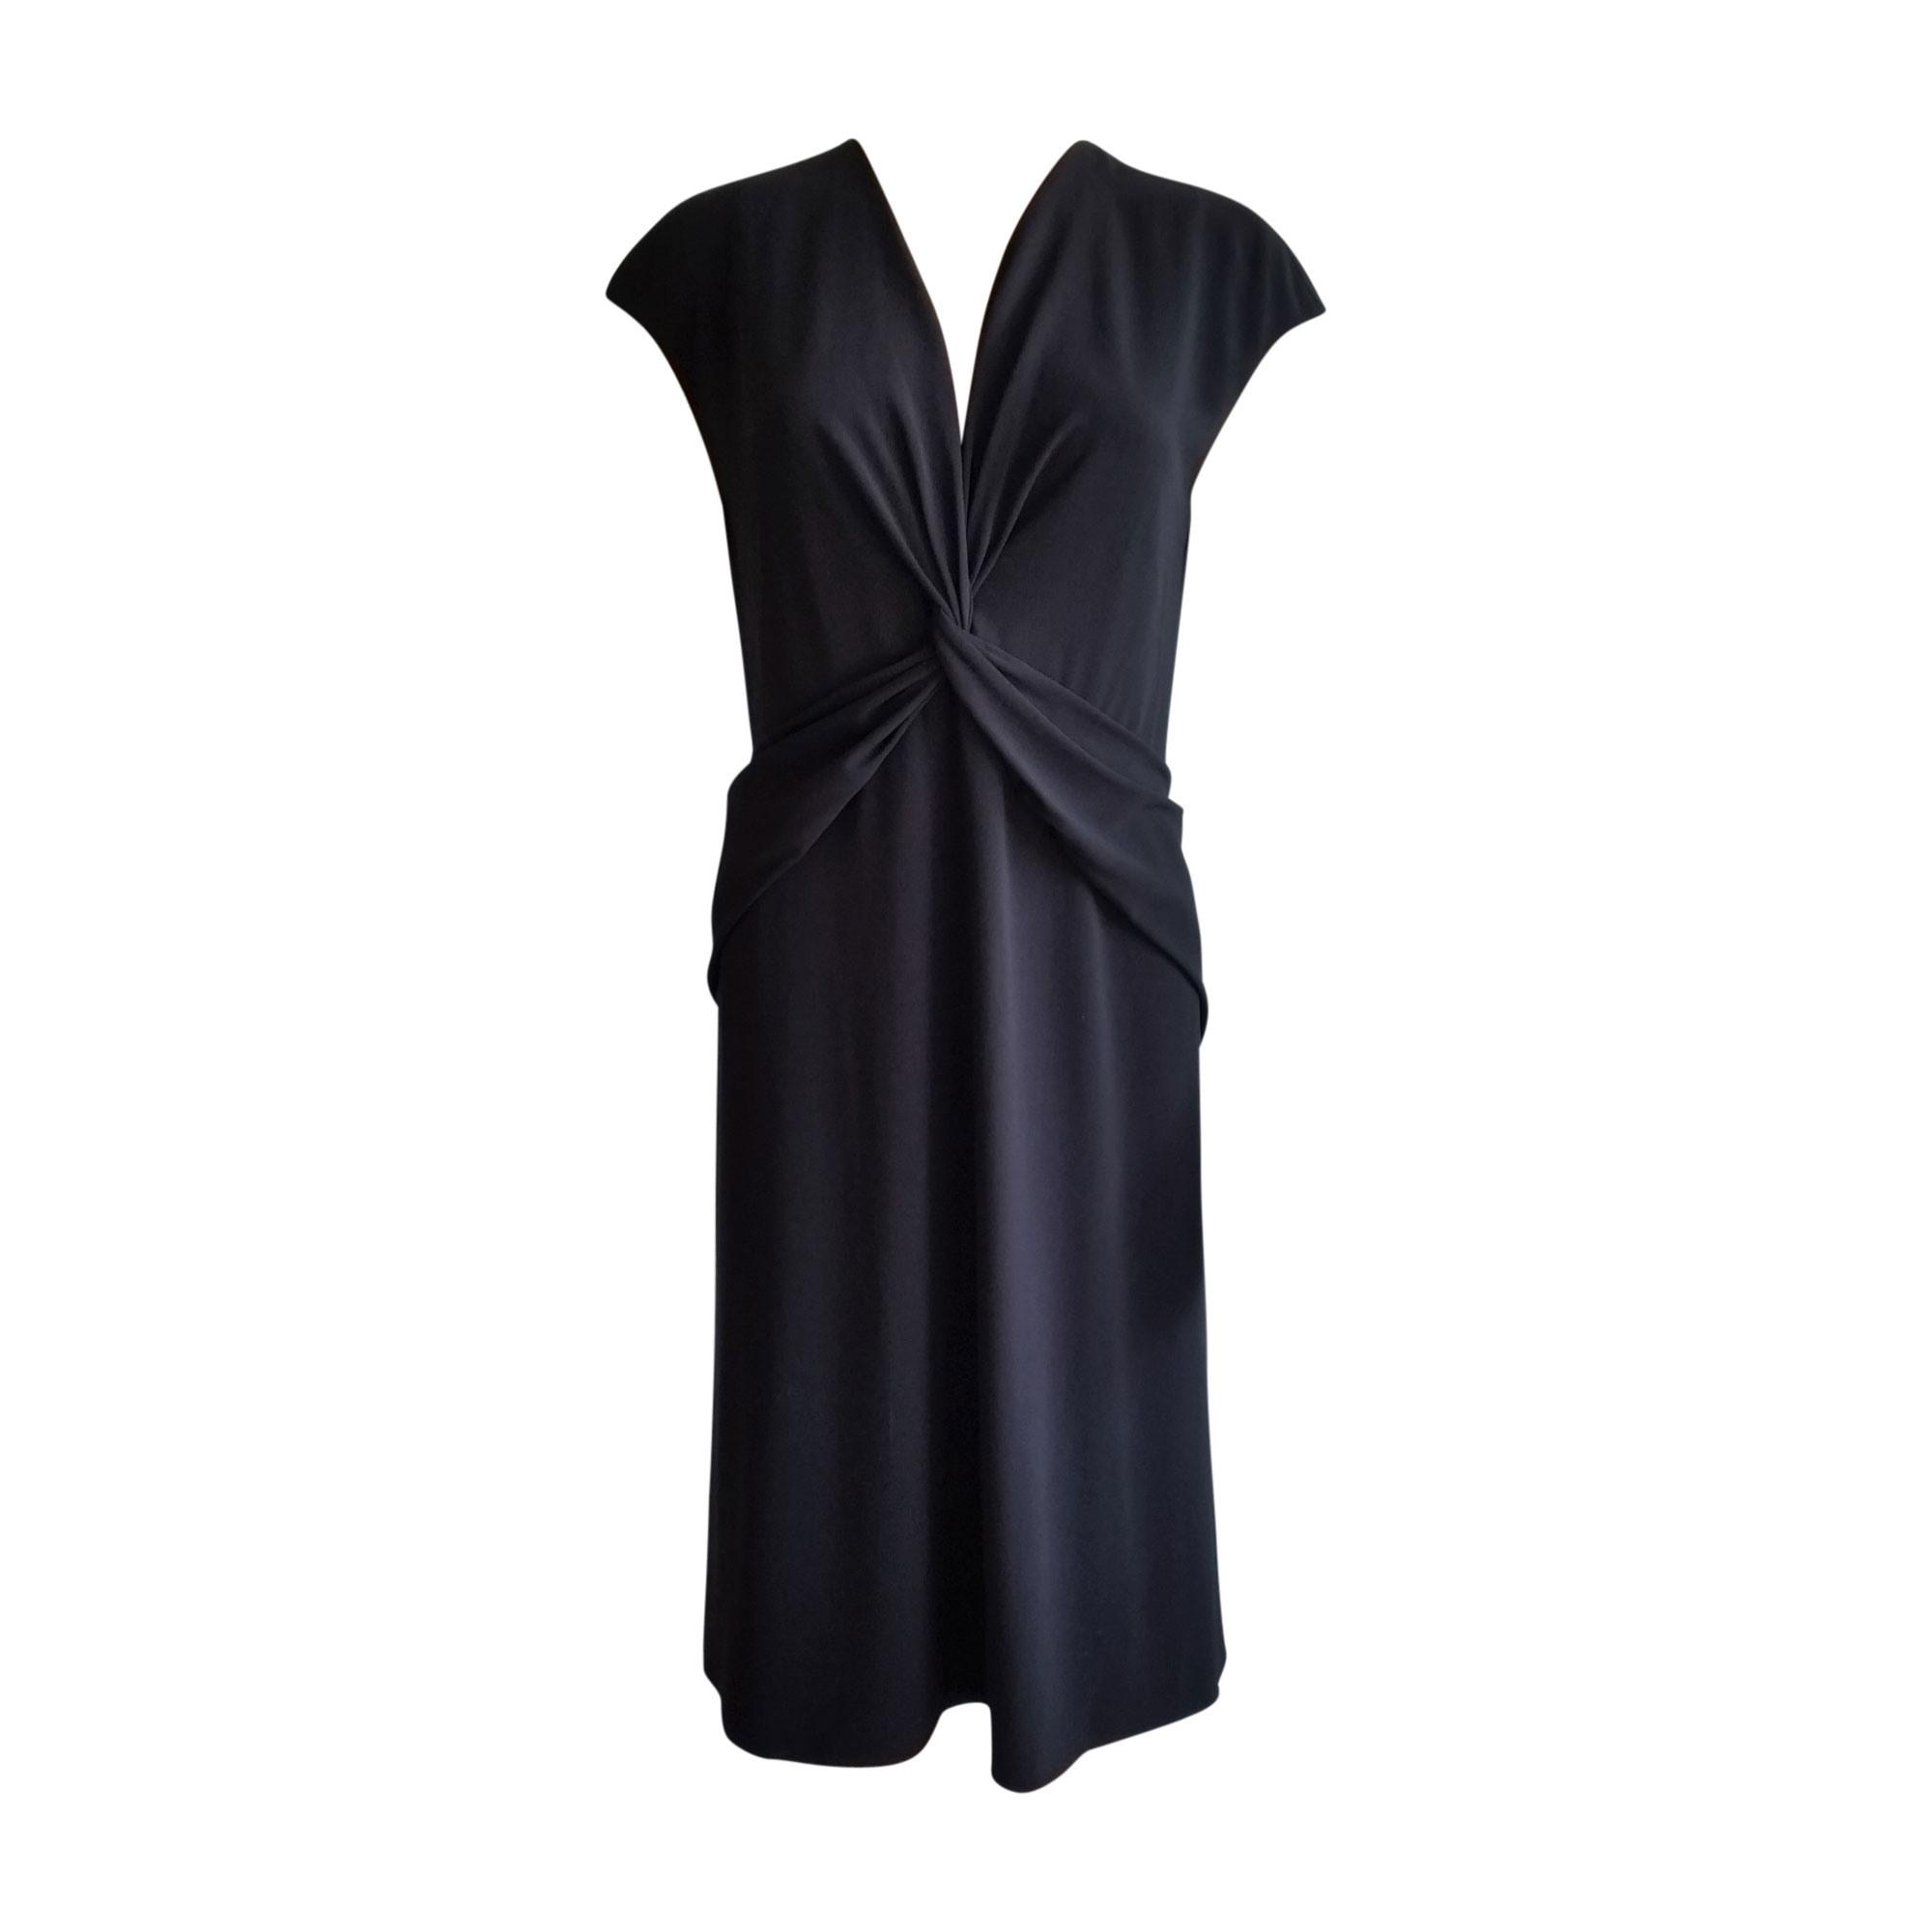 13 Luxurius Kleid 40 für 201920 Luxus Kleid 40 Vertrieb